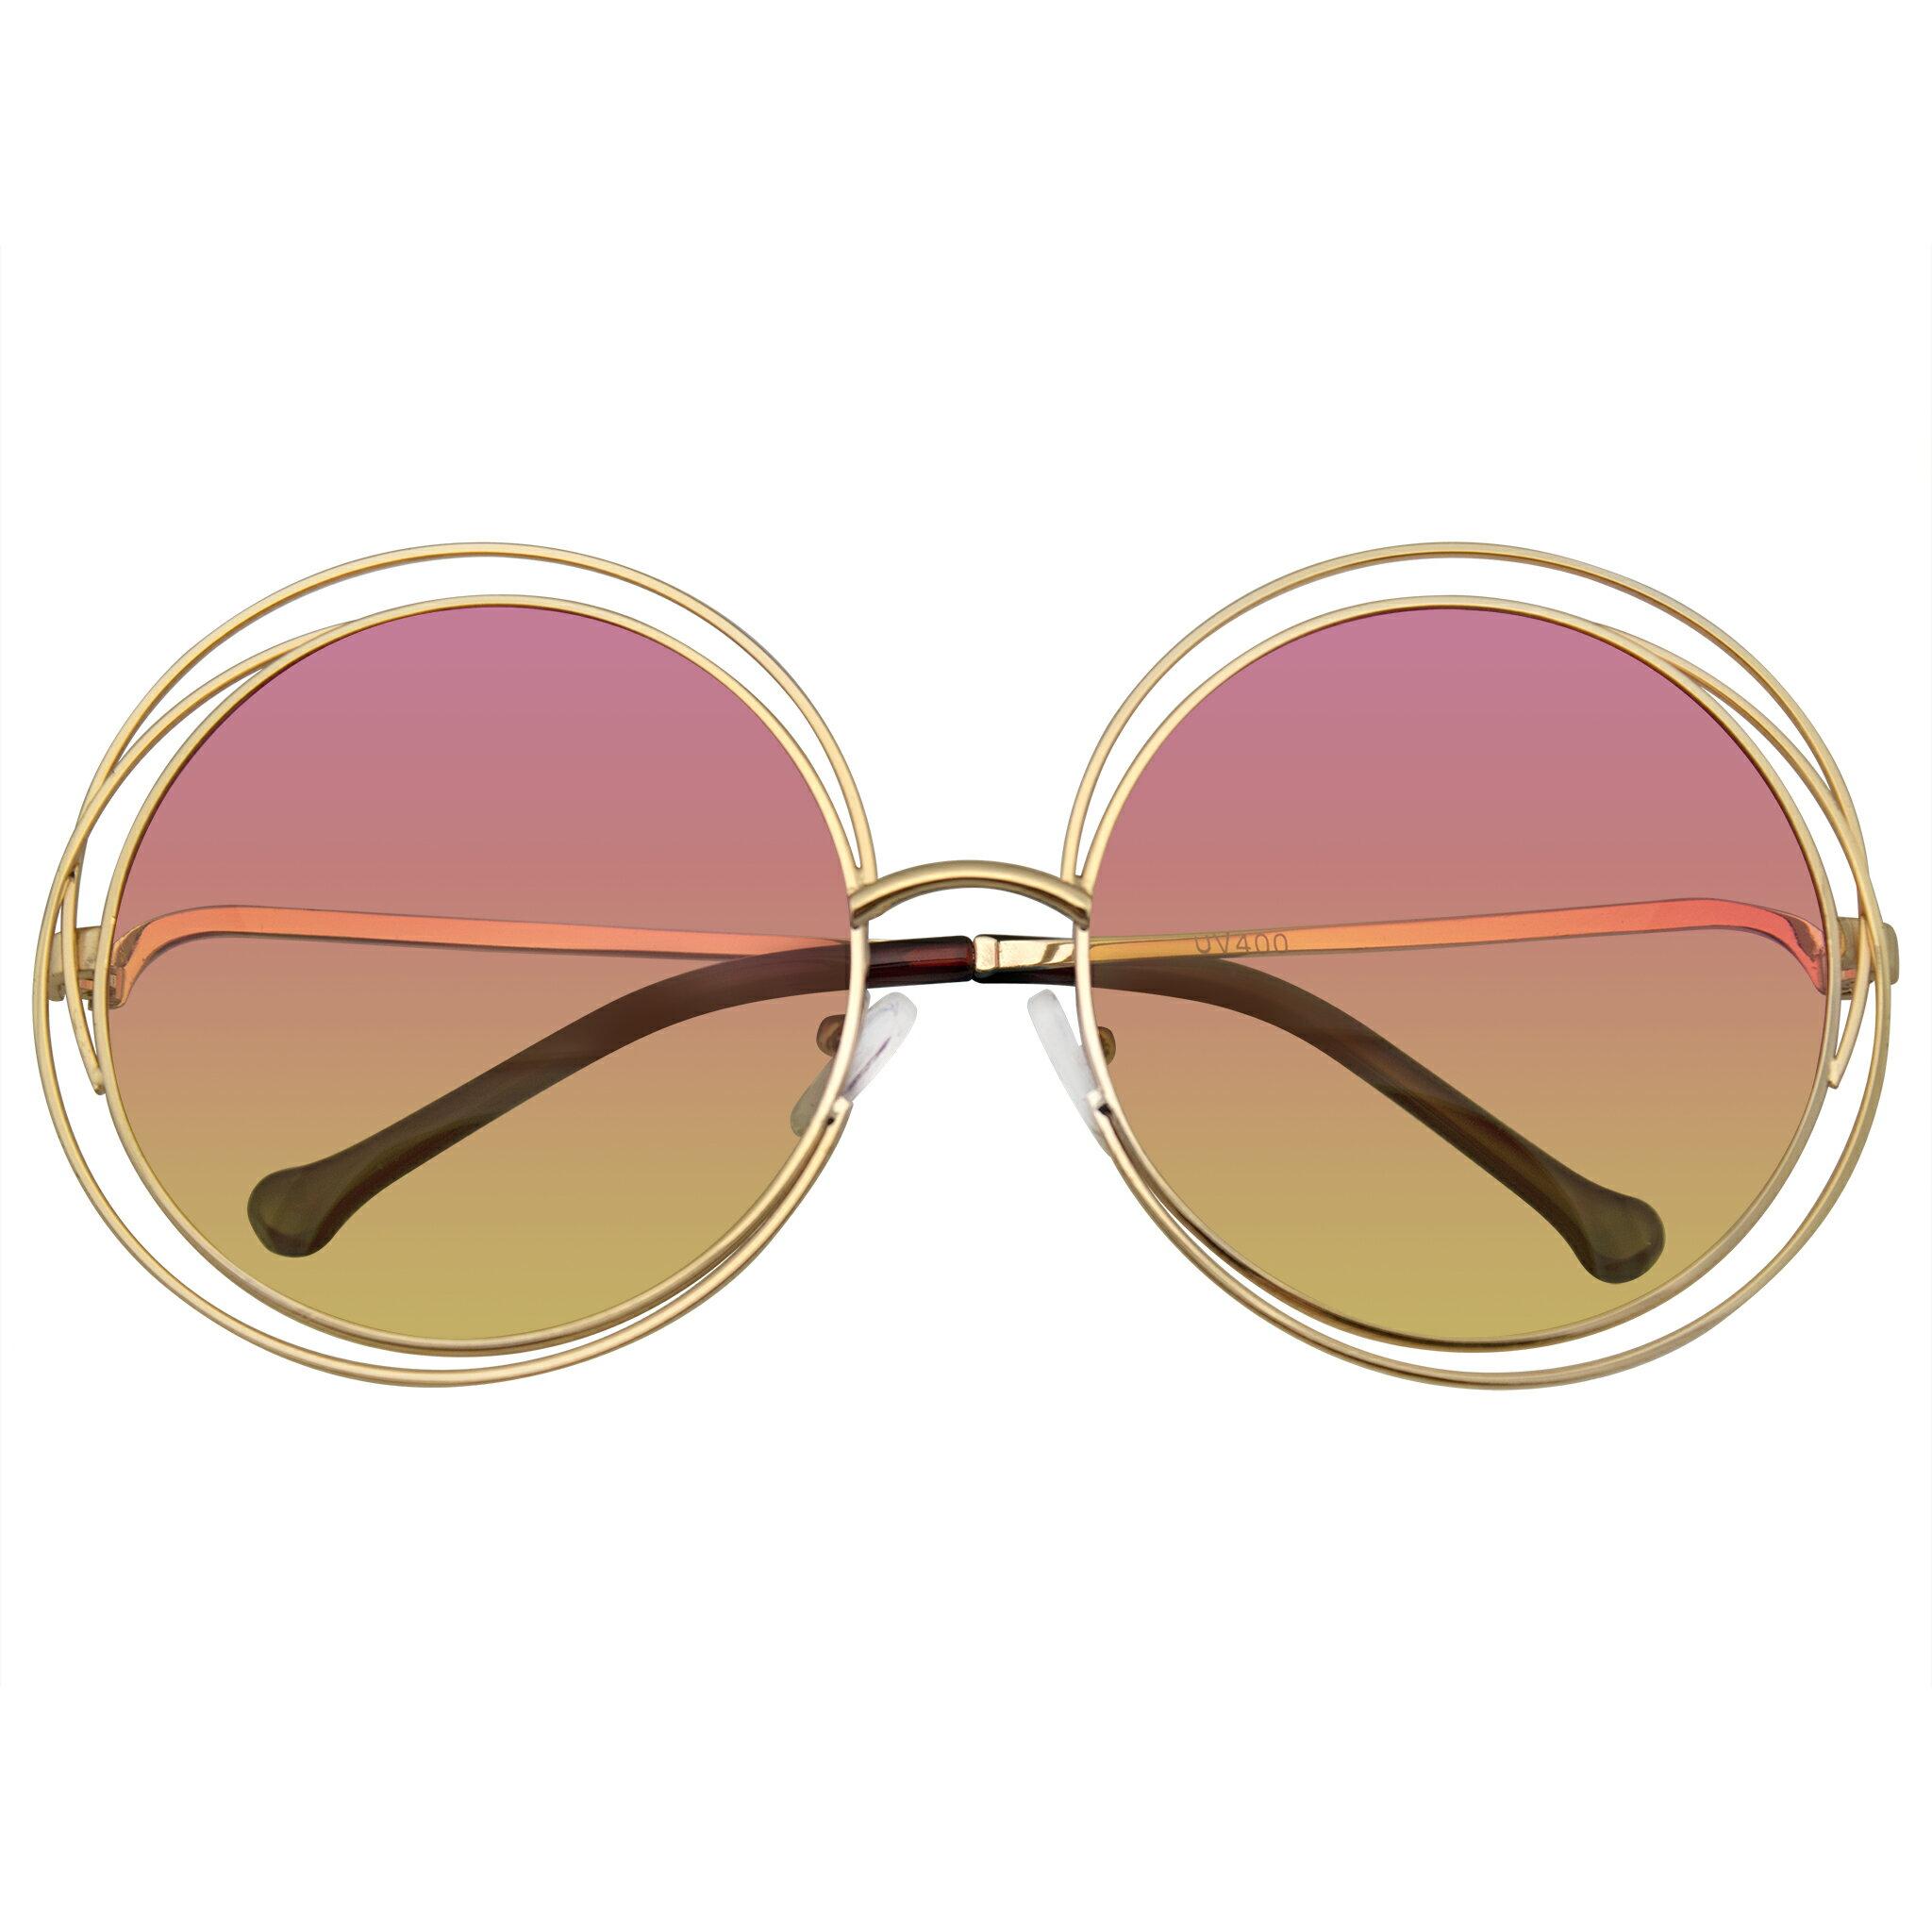 beb44e164 Emblem Eyewear - Round Sunglasses Double Wire Big Oversize Boho Circle Lens